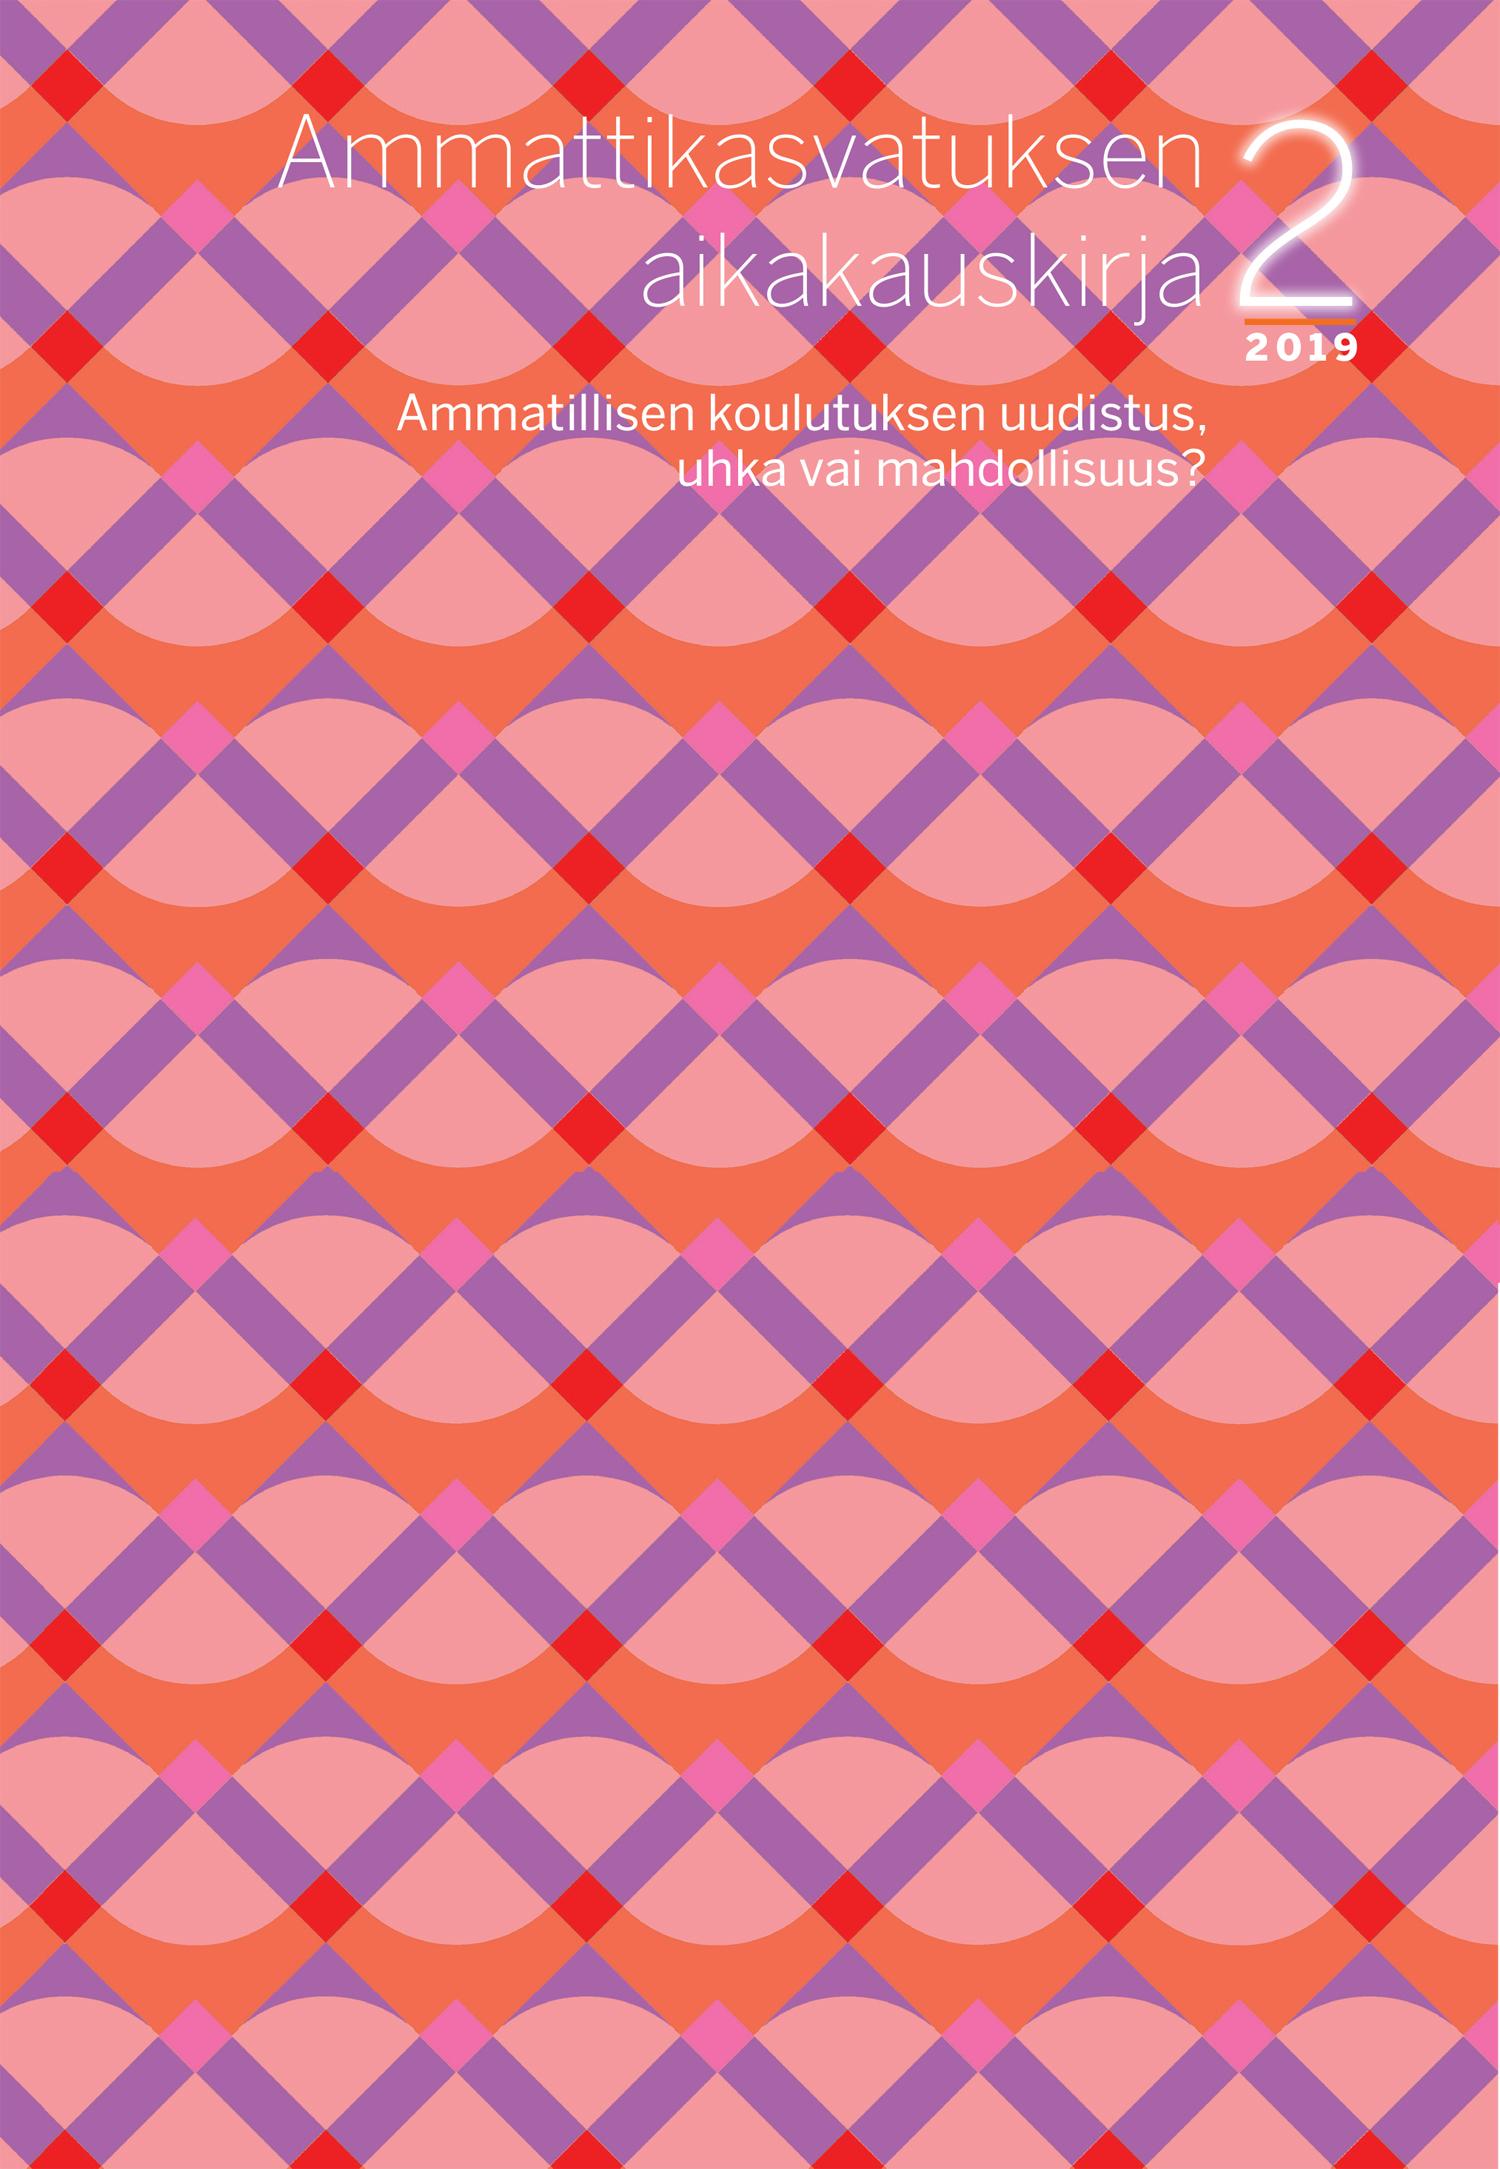 Vol 21 Nro 2 (2019): Ammatillisen koulutuksen uudistus, uhka vai mahdollisuus?